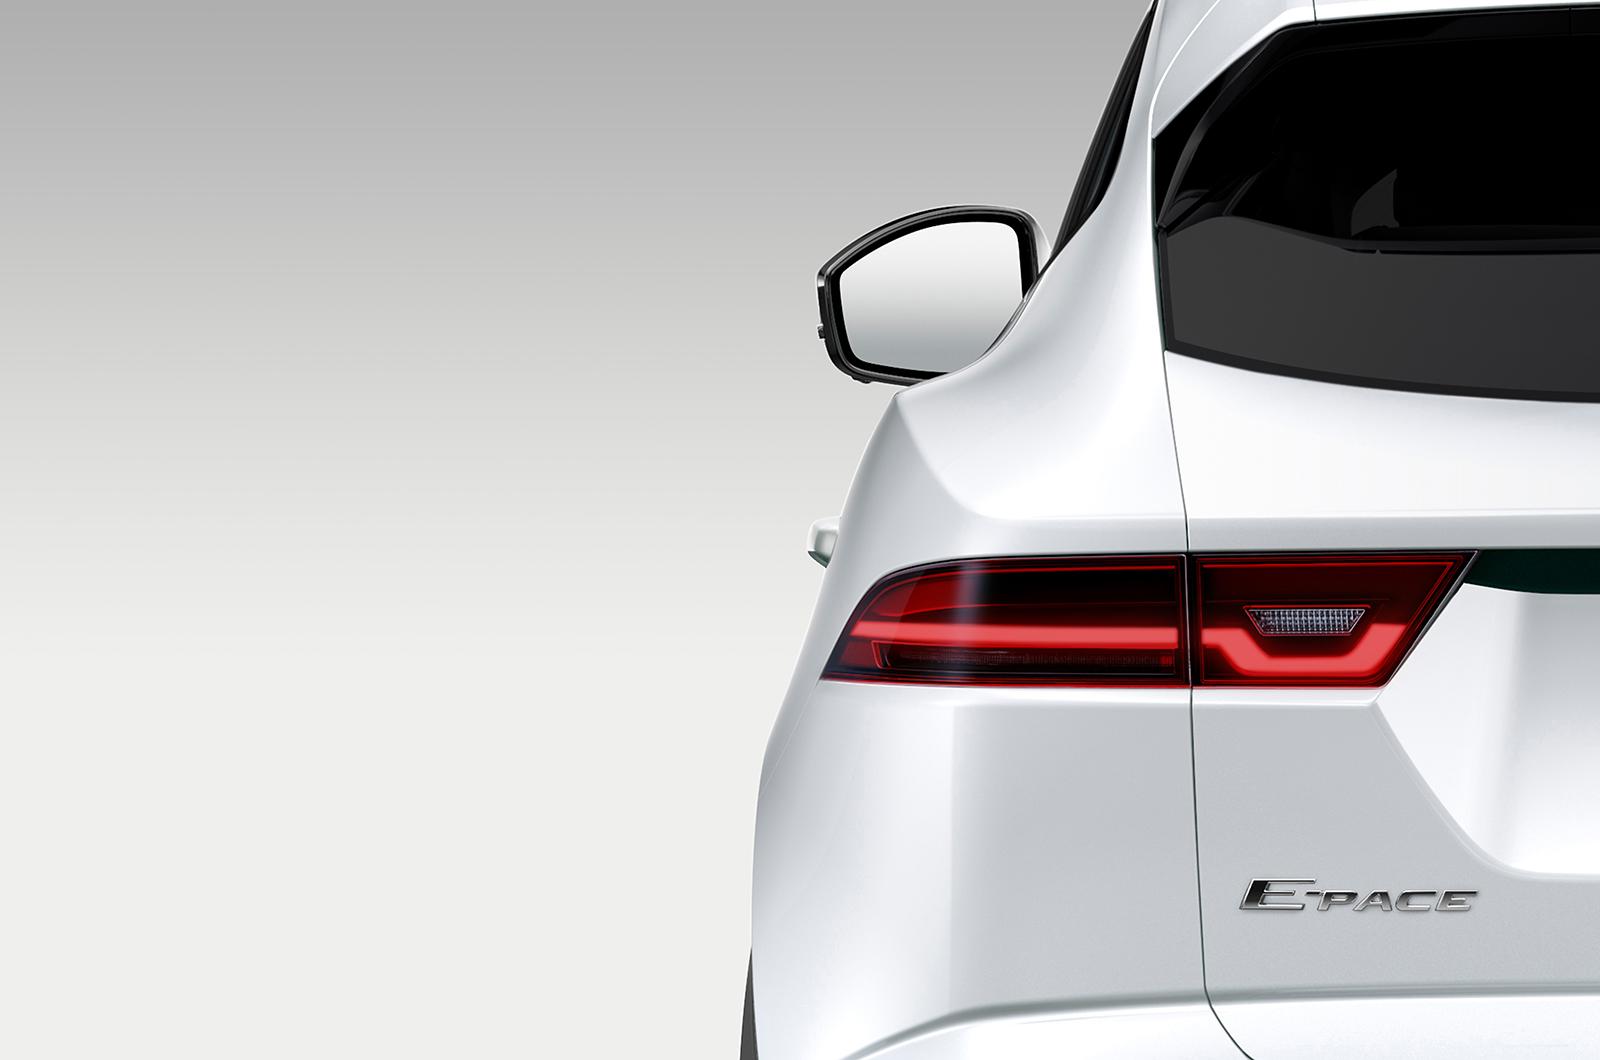 Первые фото: выпущено тиражное изображение Jaguar E-Pace